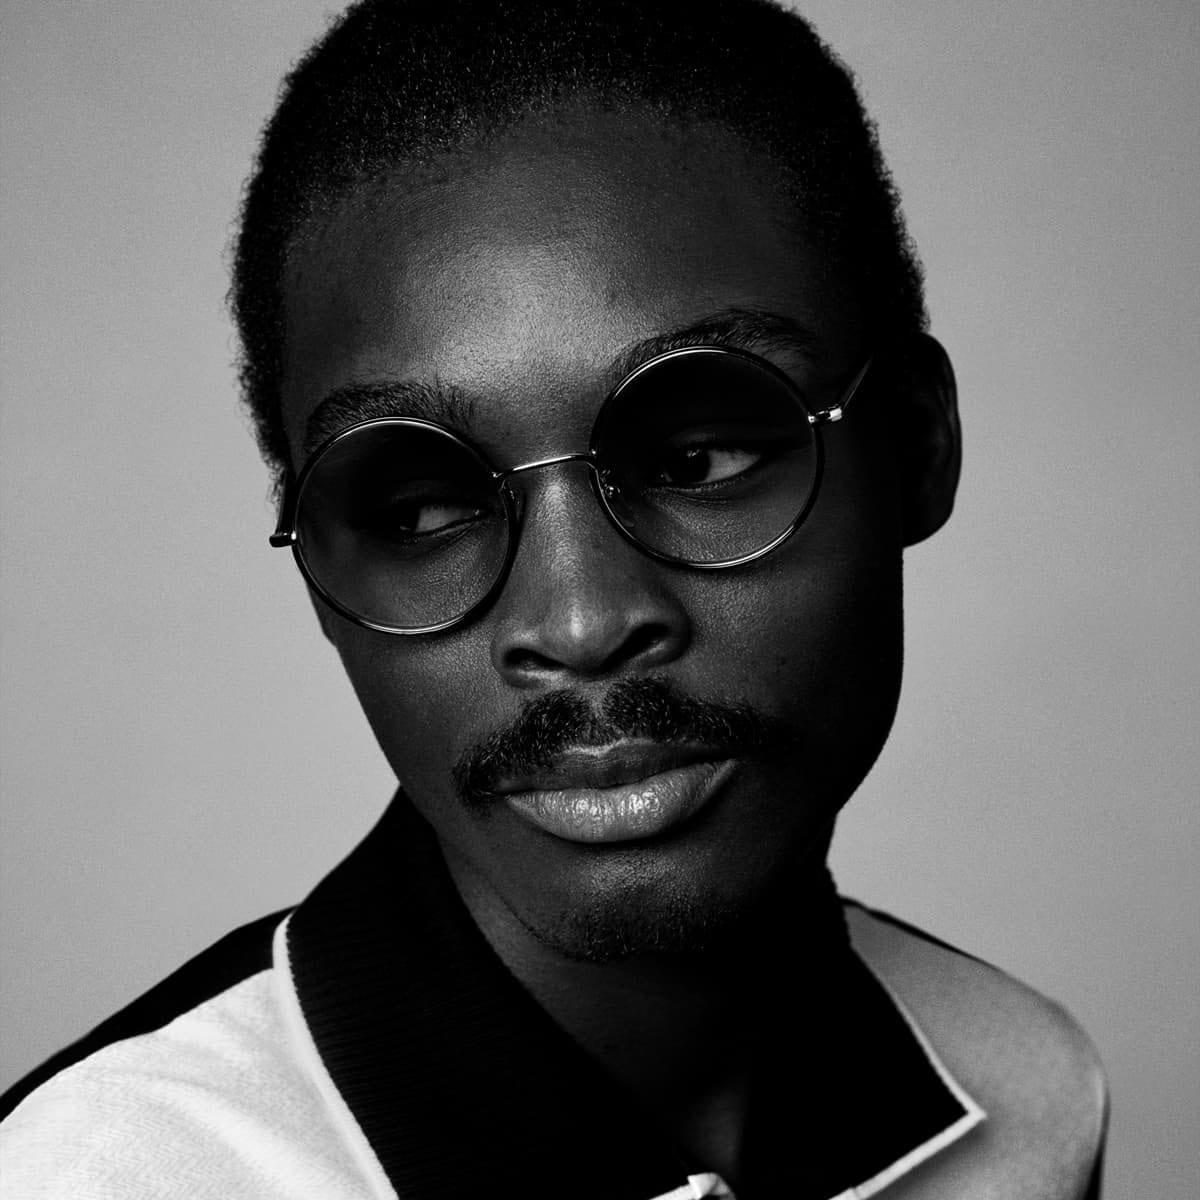 paul-smith-eyewear-glasses-stockist-opticians-west-midlands-shropshire-04